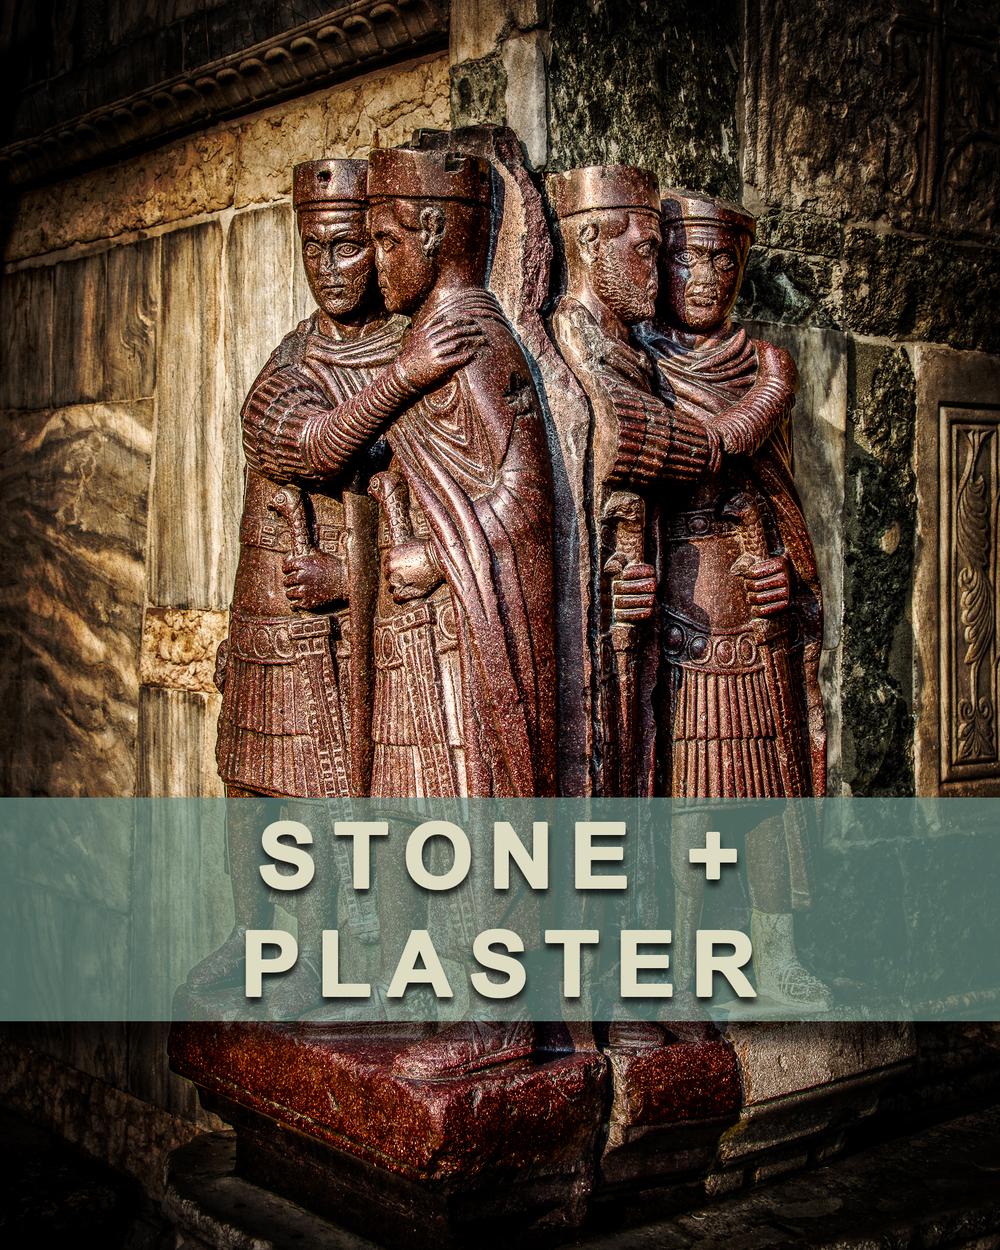 StoneAndPlaster.jpg